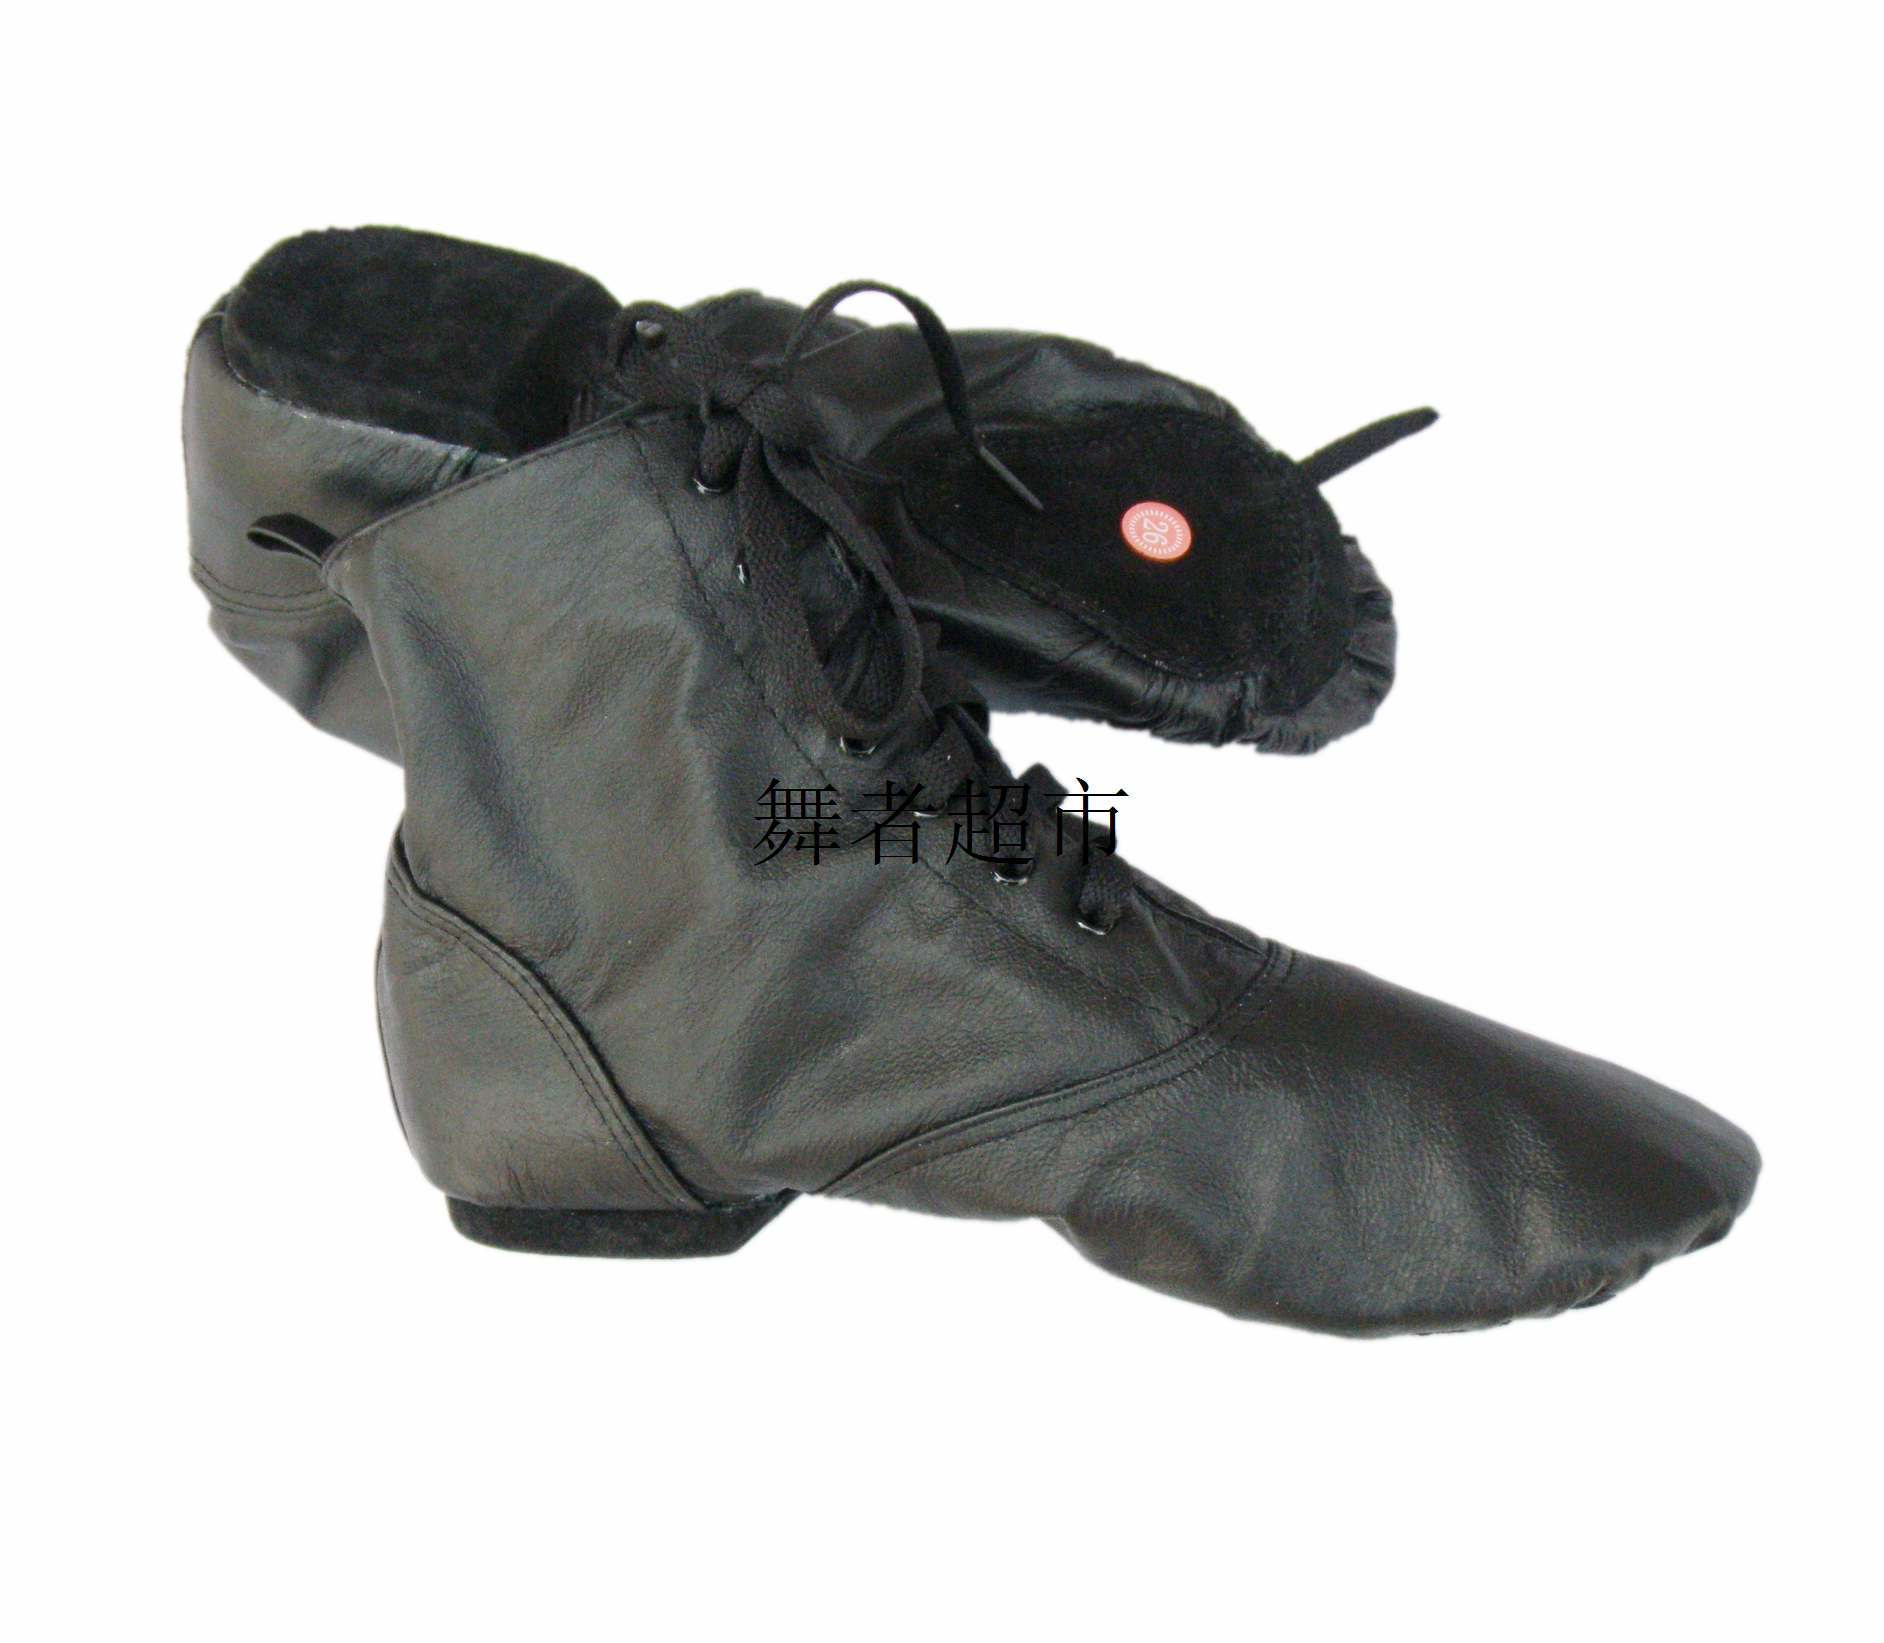 Мужской и женщины свиная кожа поверхность сэр обувной два конец на низком кабгалстук-бабочкае сэр ботинок высокий мягкое дно практика гонг производительность танец обувной